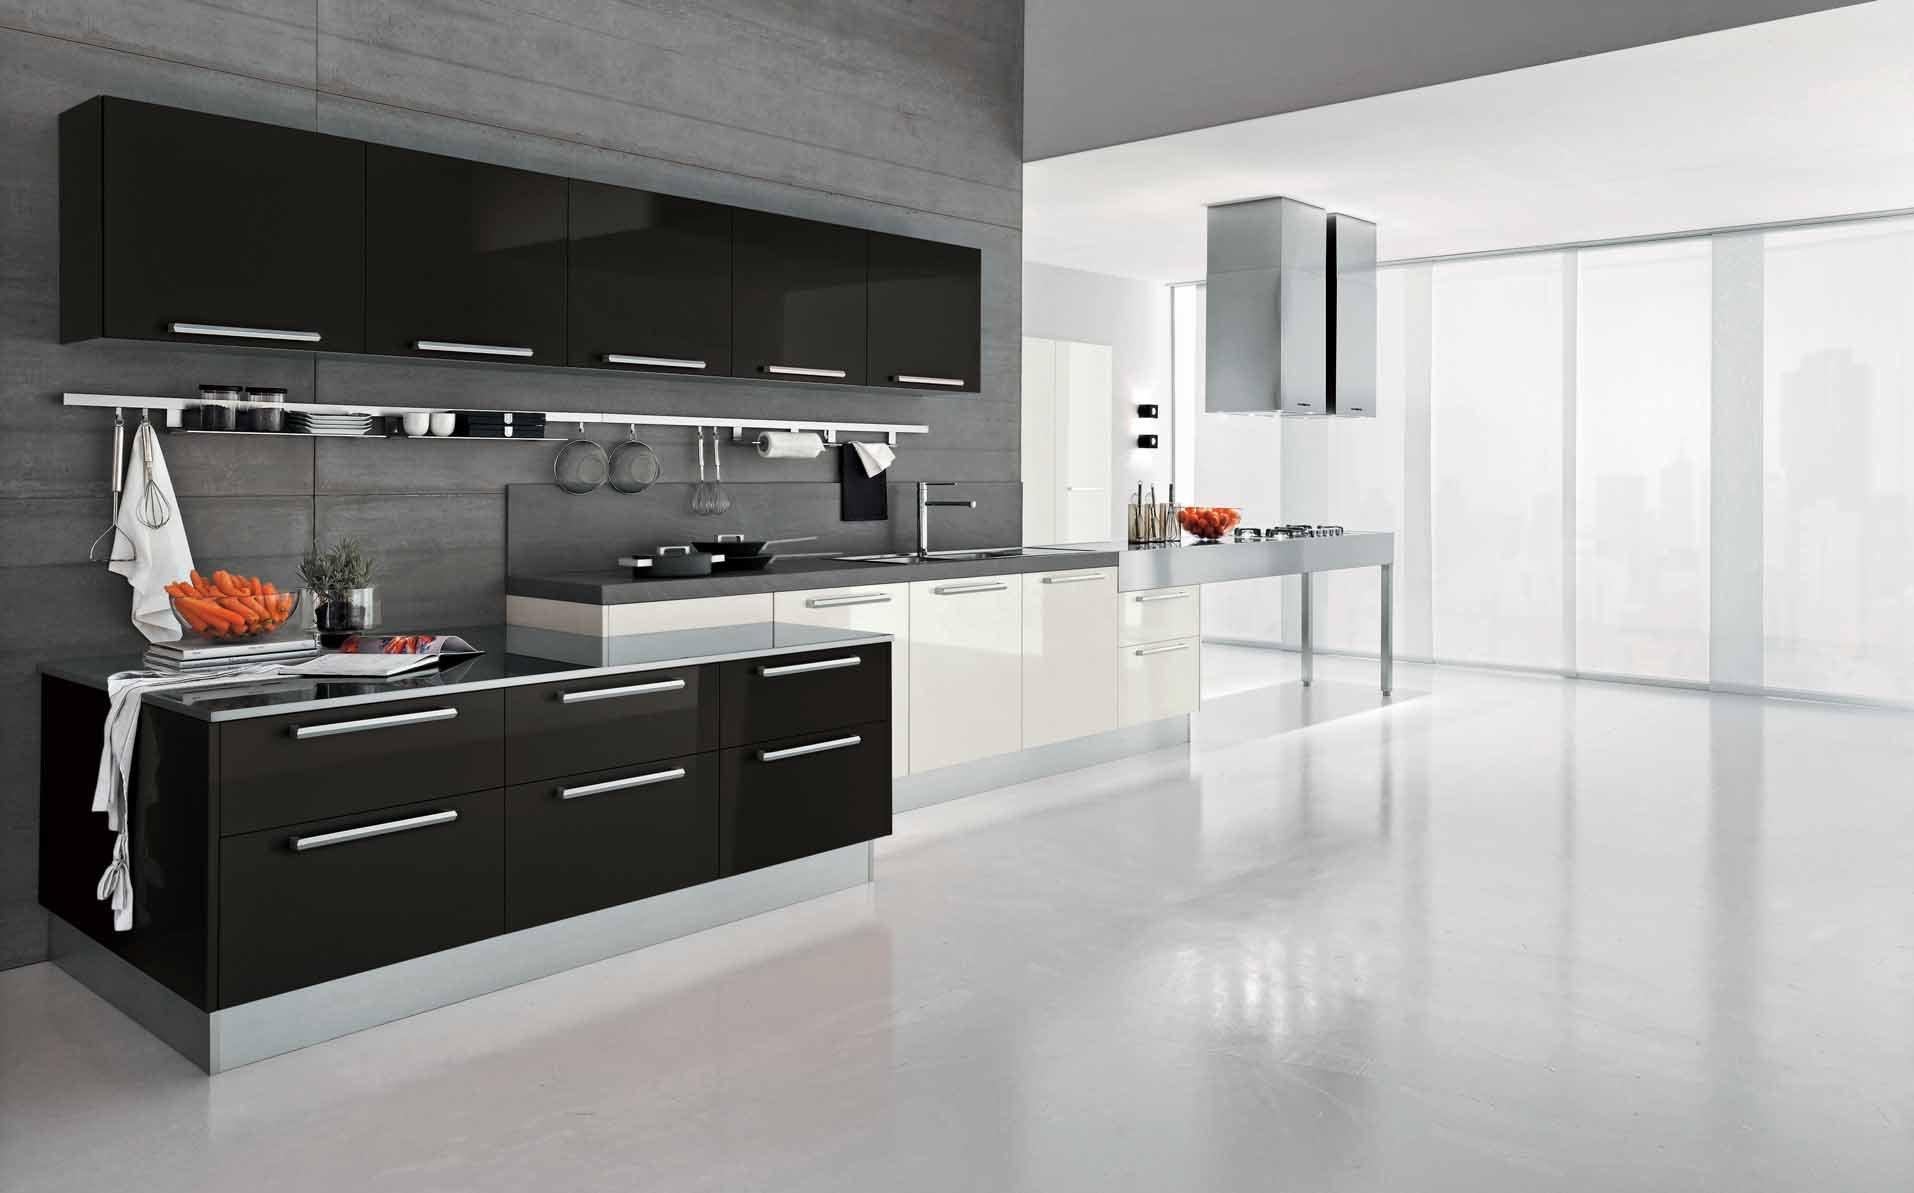 室内现代风格大厨房装饰装修效果图片